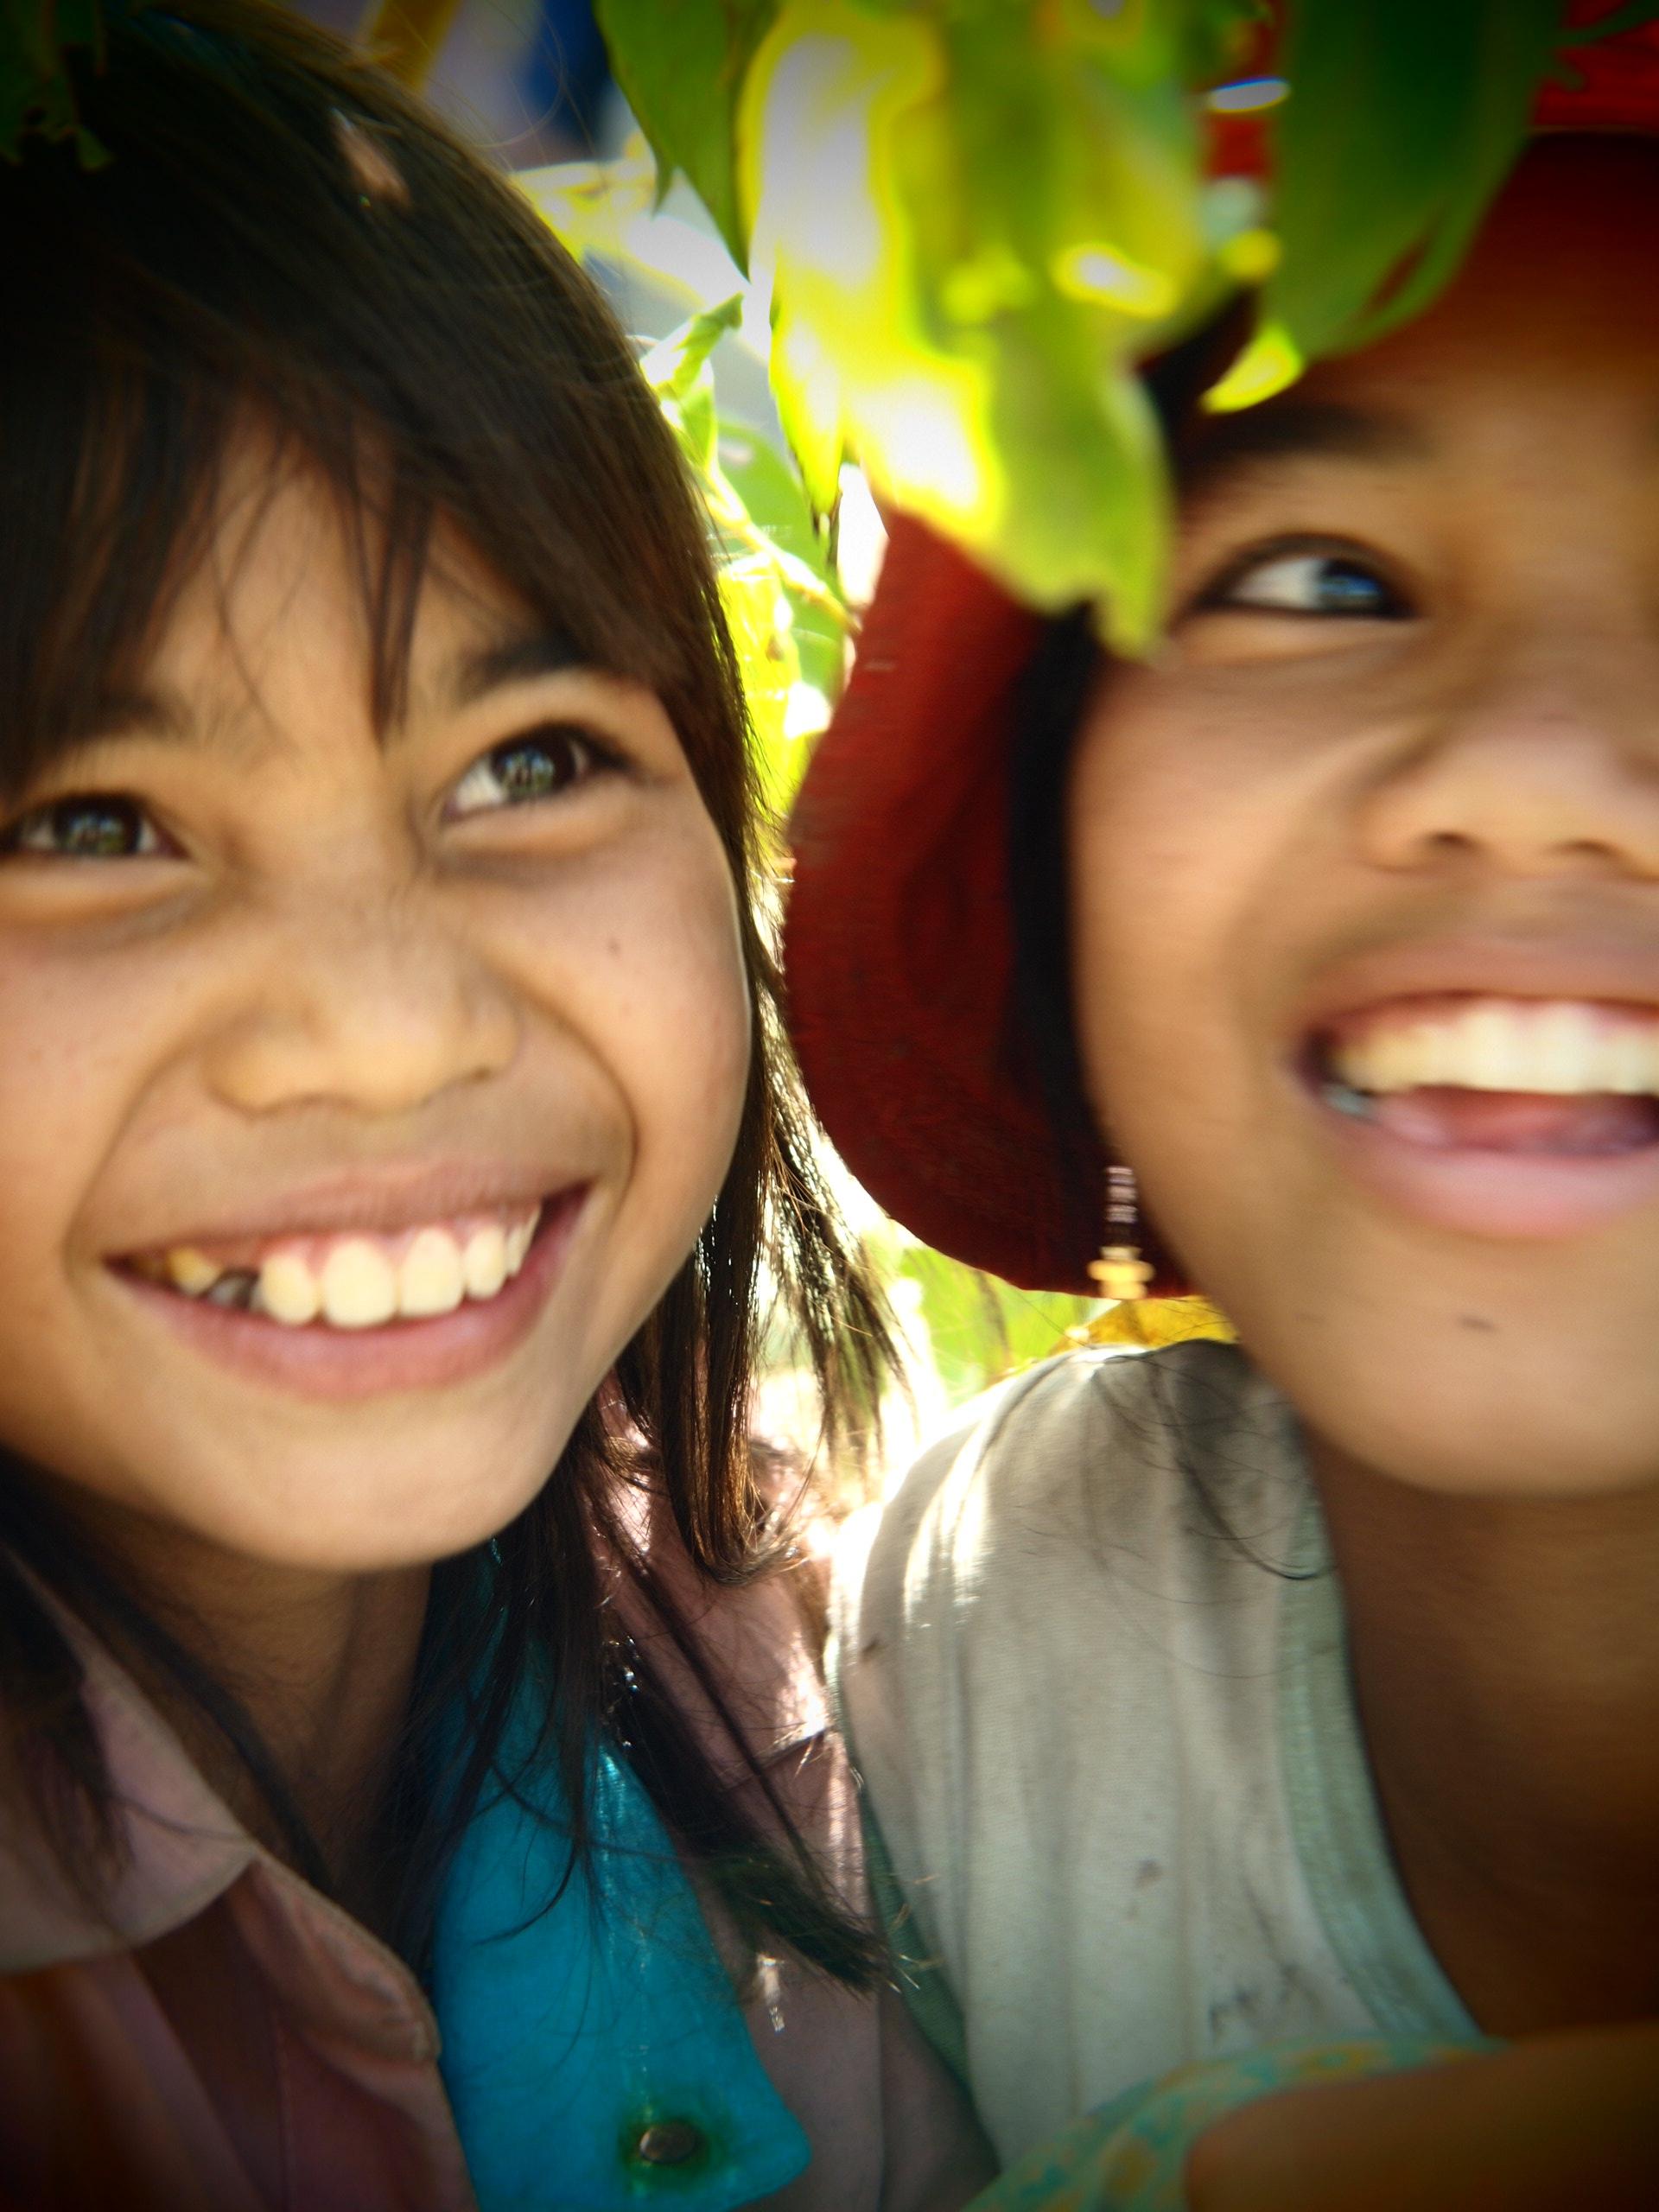 04代言人張鈞甯拍攝,孩子燦爛的笑容佔滿整個畫面,彷彿這個世界充滿歡樂;然後孩子身後看不見的艱苦背景,卻是他們必須用笑容去戰勝的生命挑戰-台灣世界展望會提供.JPG